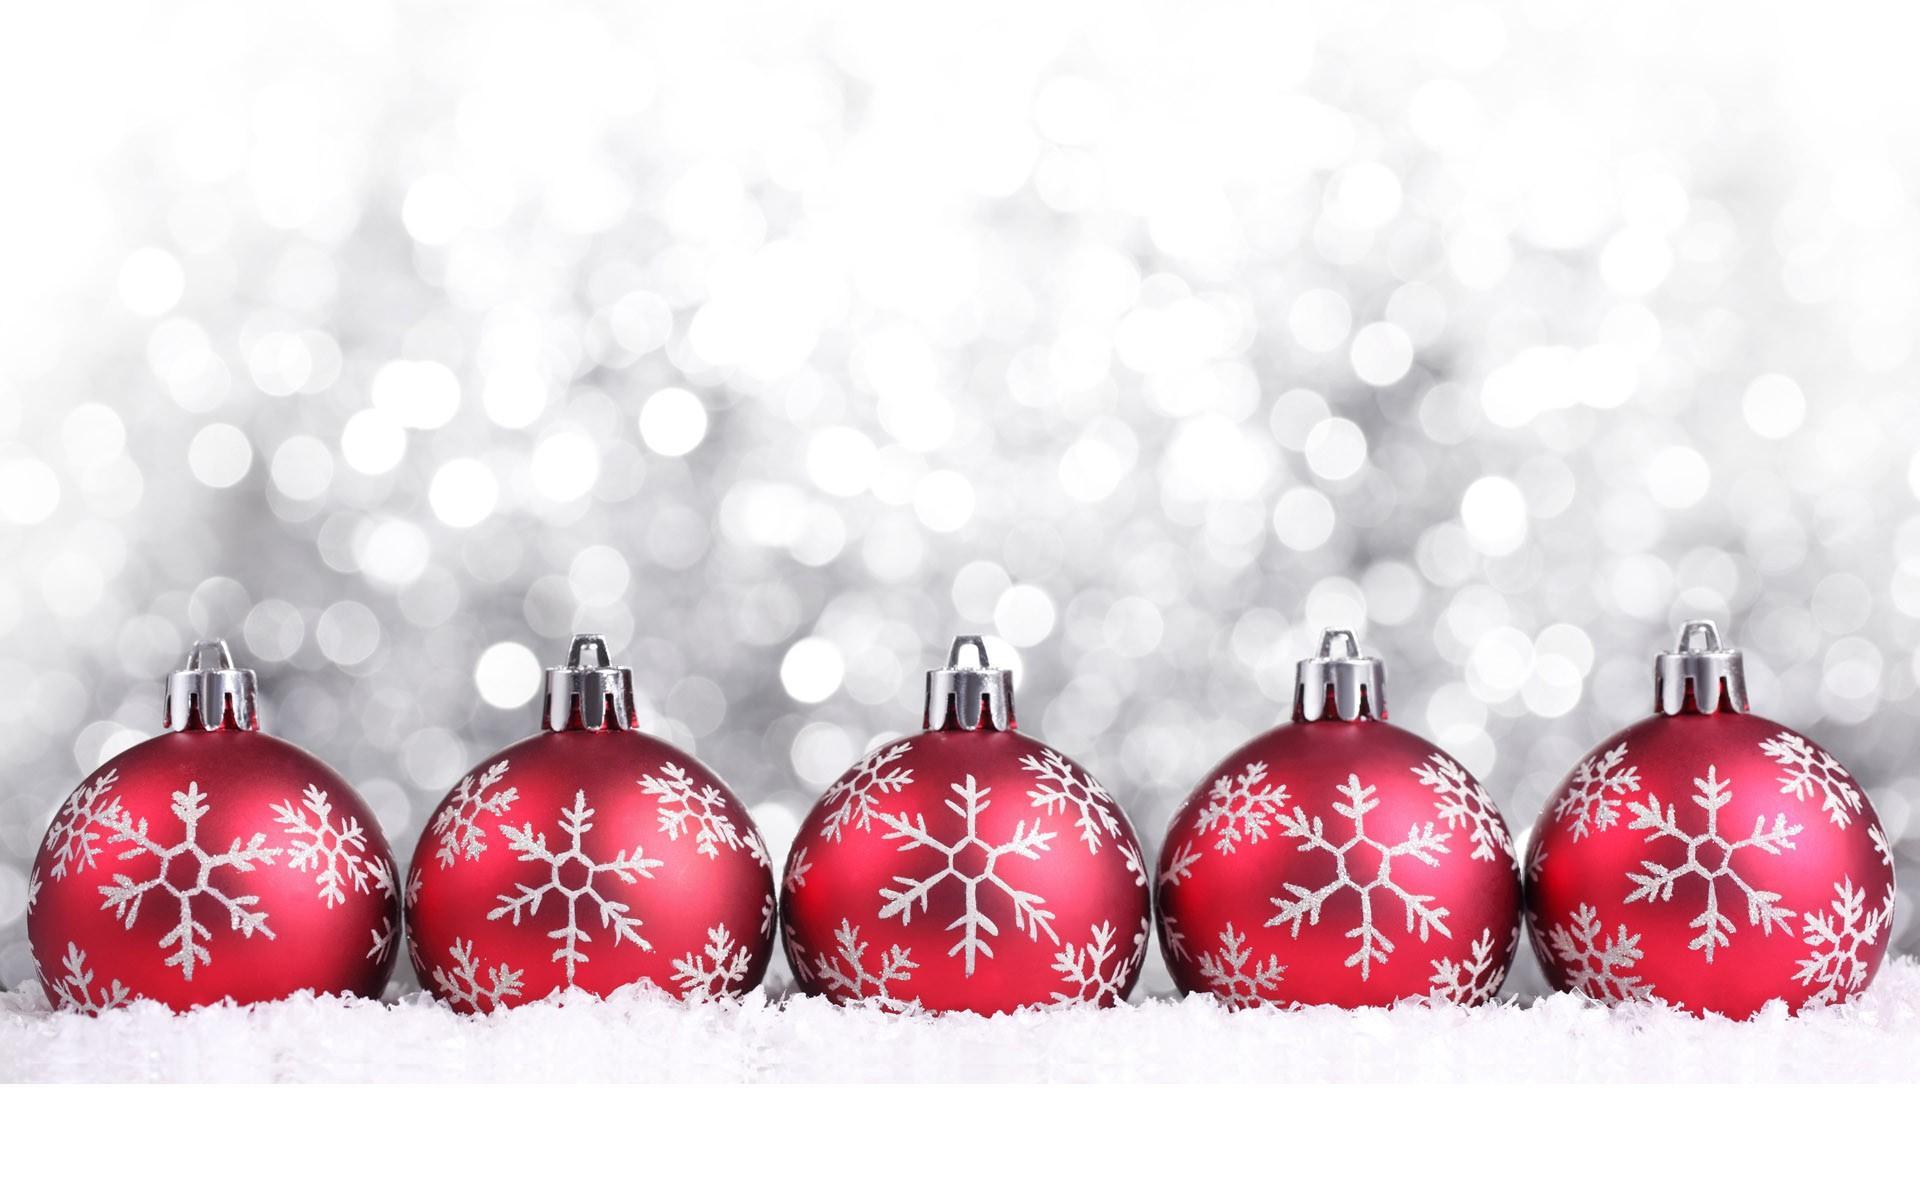 Bolas De Navidad Rojas Sobre Fondo Verde: Fondos Hd Bolas Rojas Con Nieve Cayendo 1920x1200